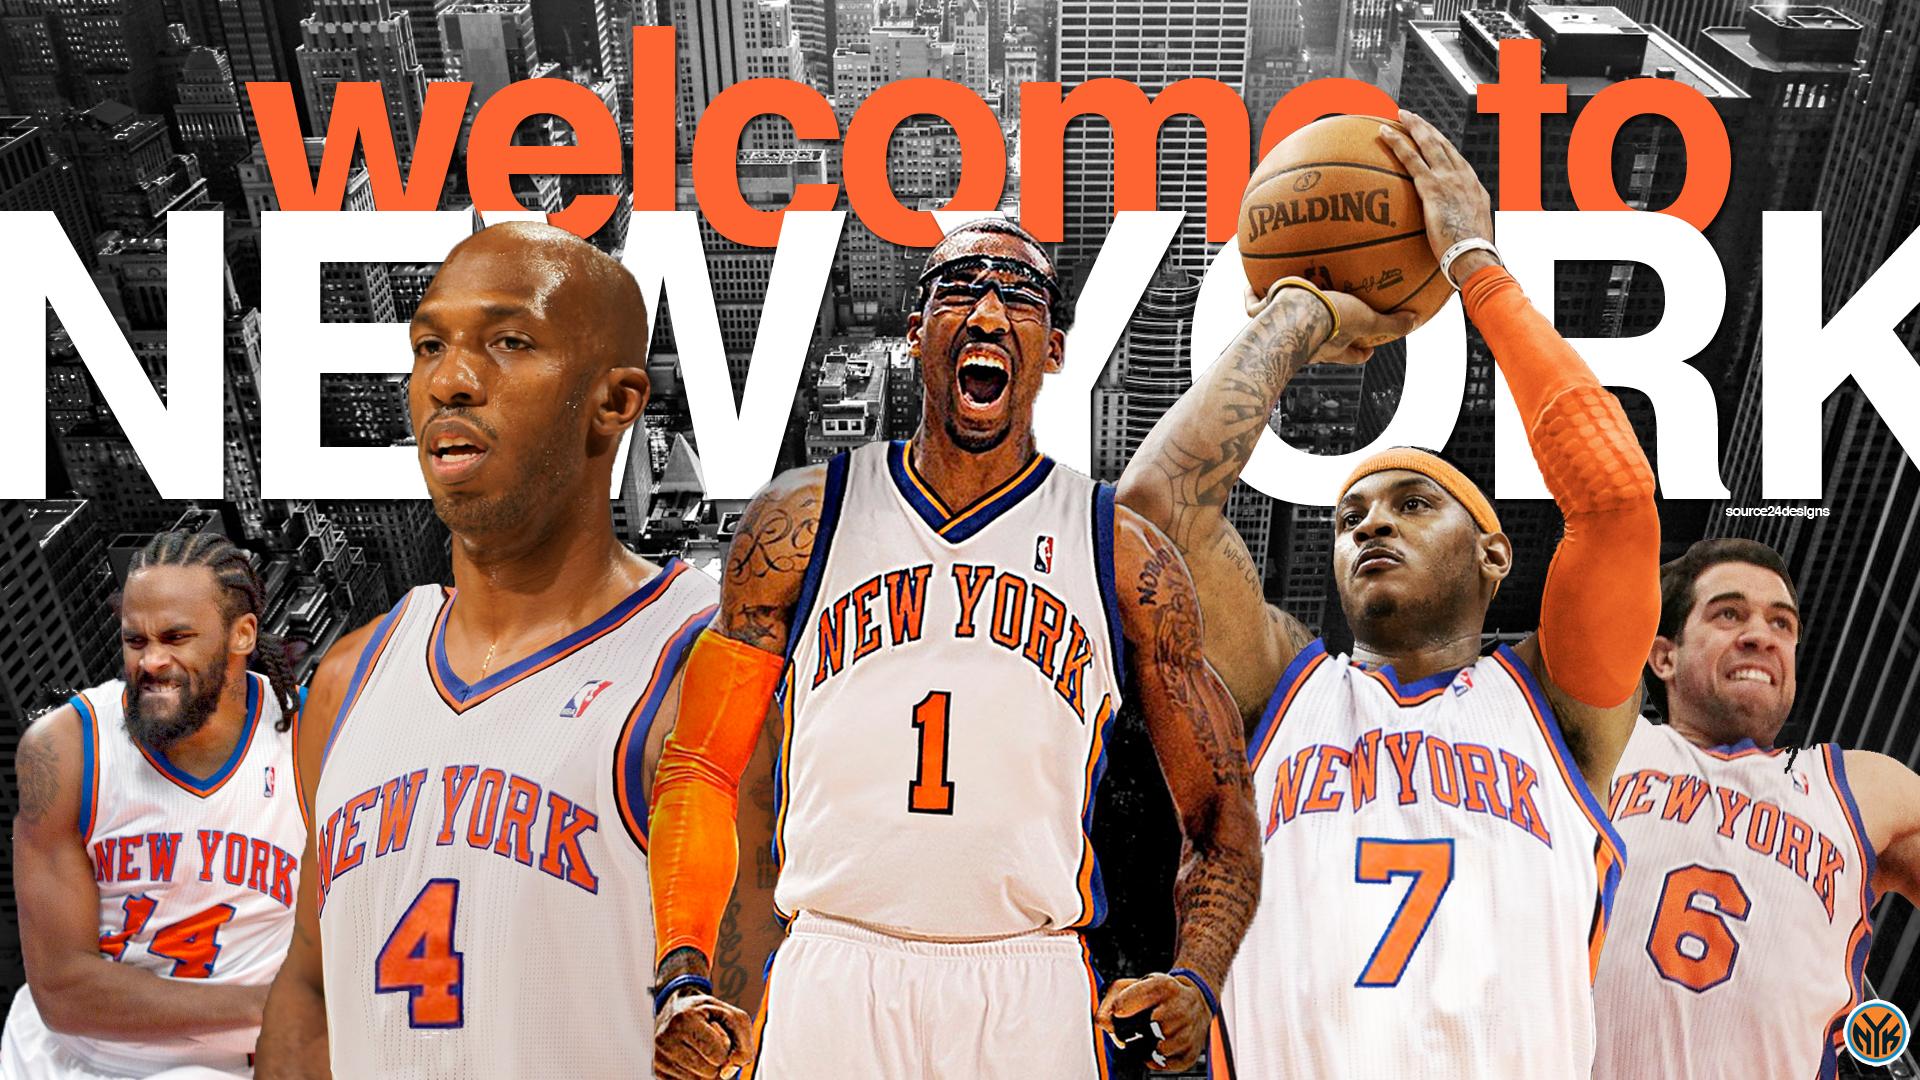 new york knicks wallpaper 359830